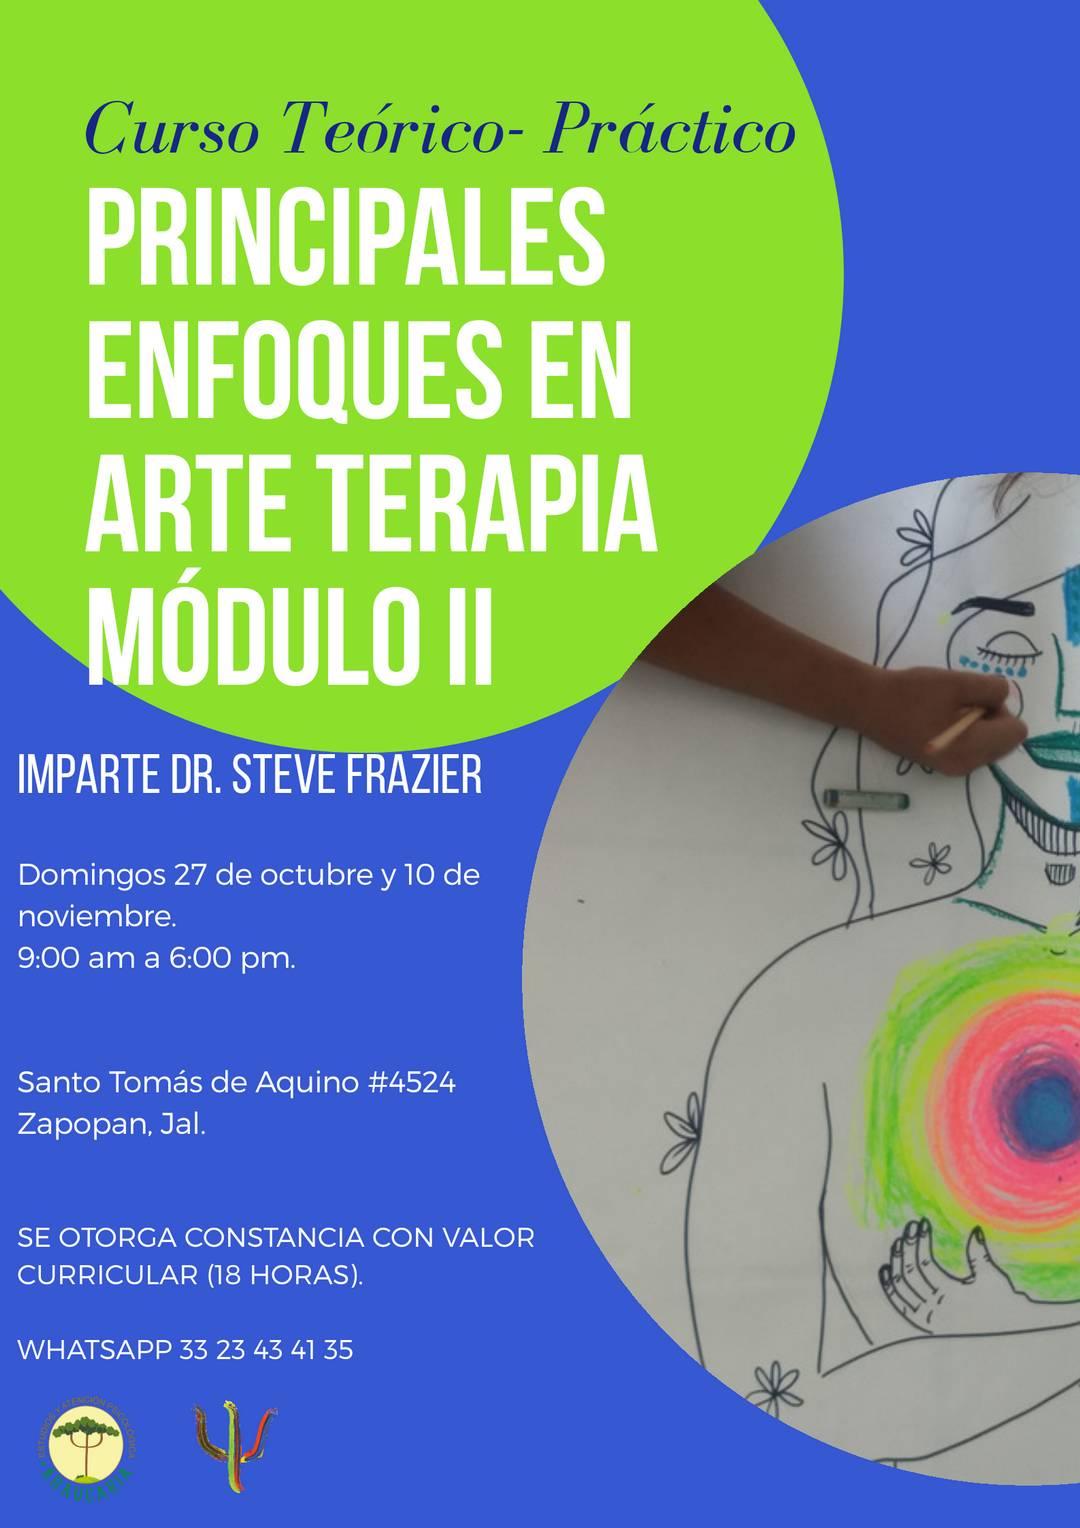 27 Octubre y 10 Noviembre 2019 - Principales Enfoques en Arte Terapia